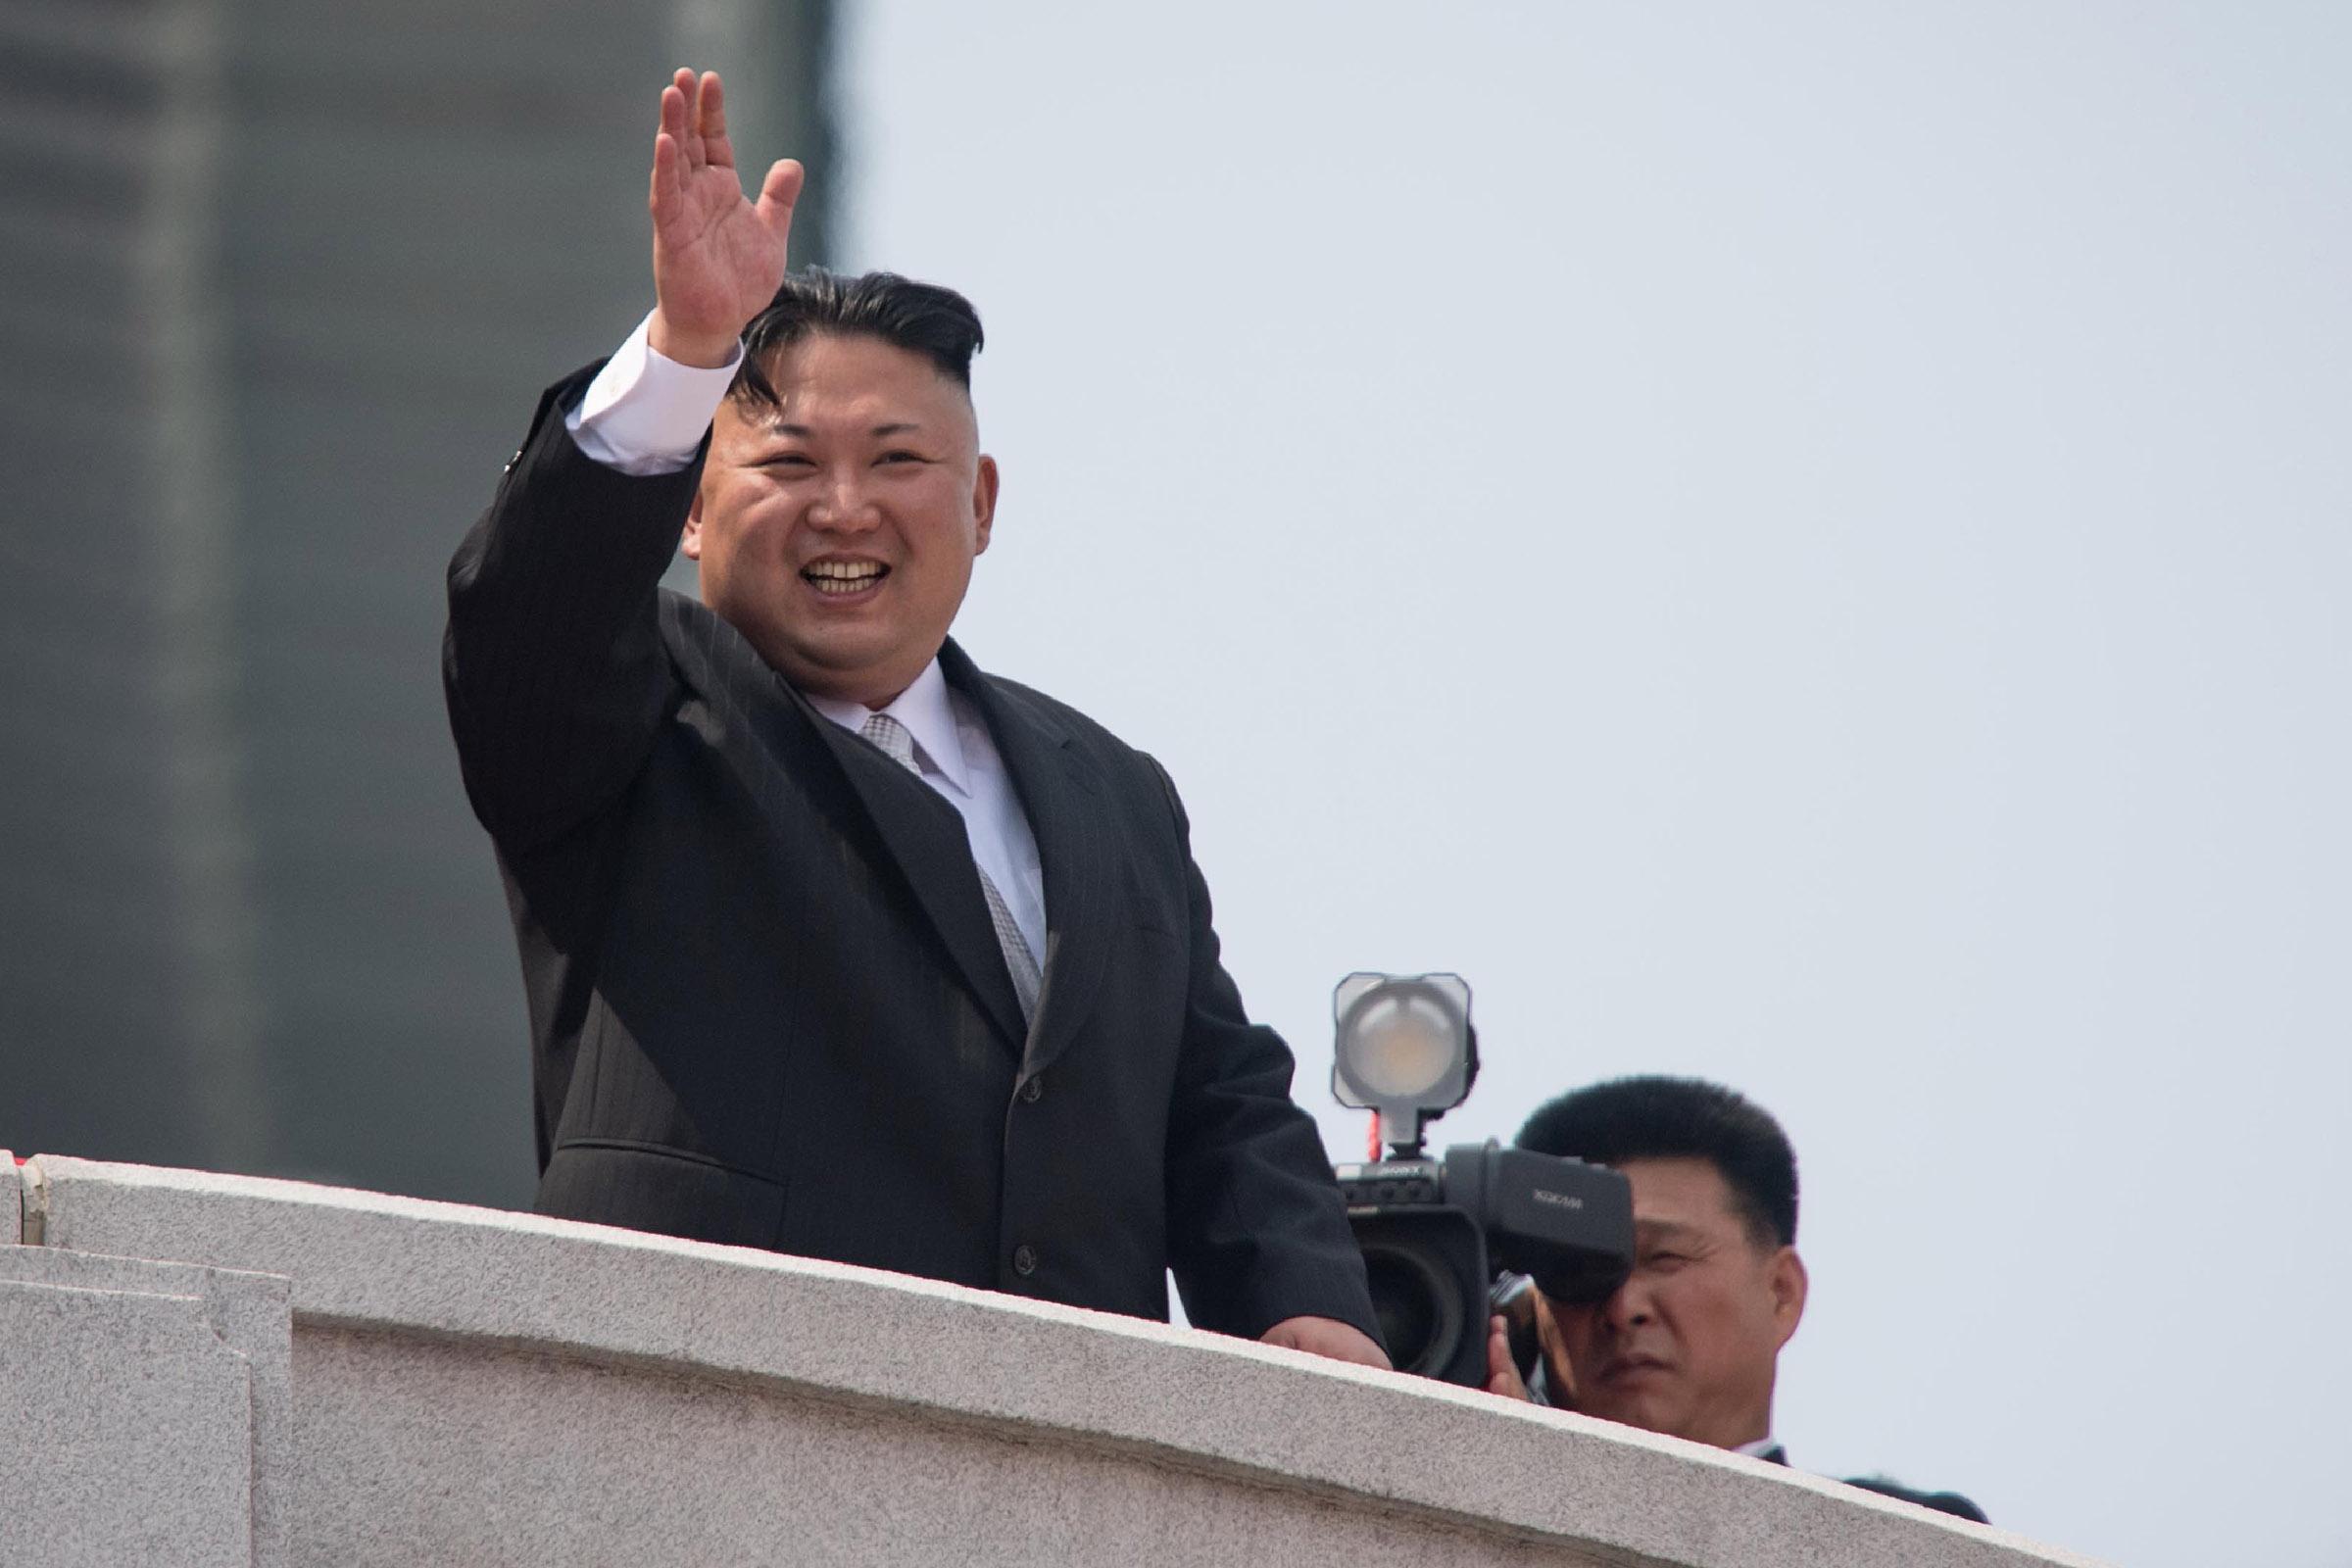 उत्तर कोरियाली नेता किम जिवीतै हुनुहुन्छ– सोल